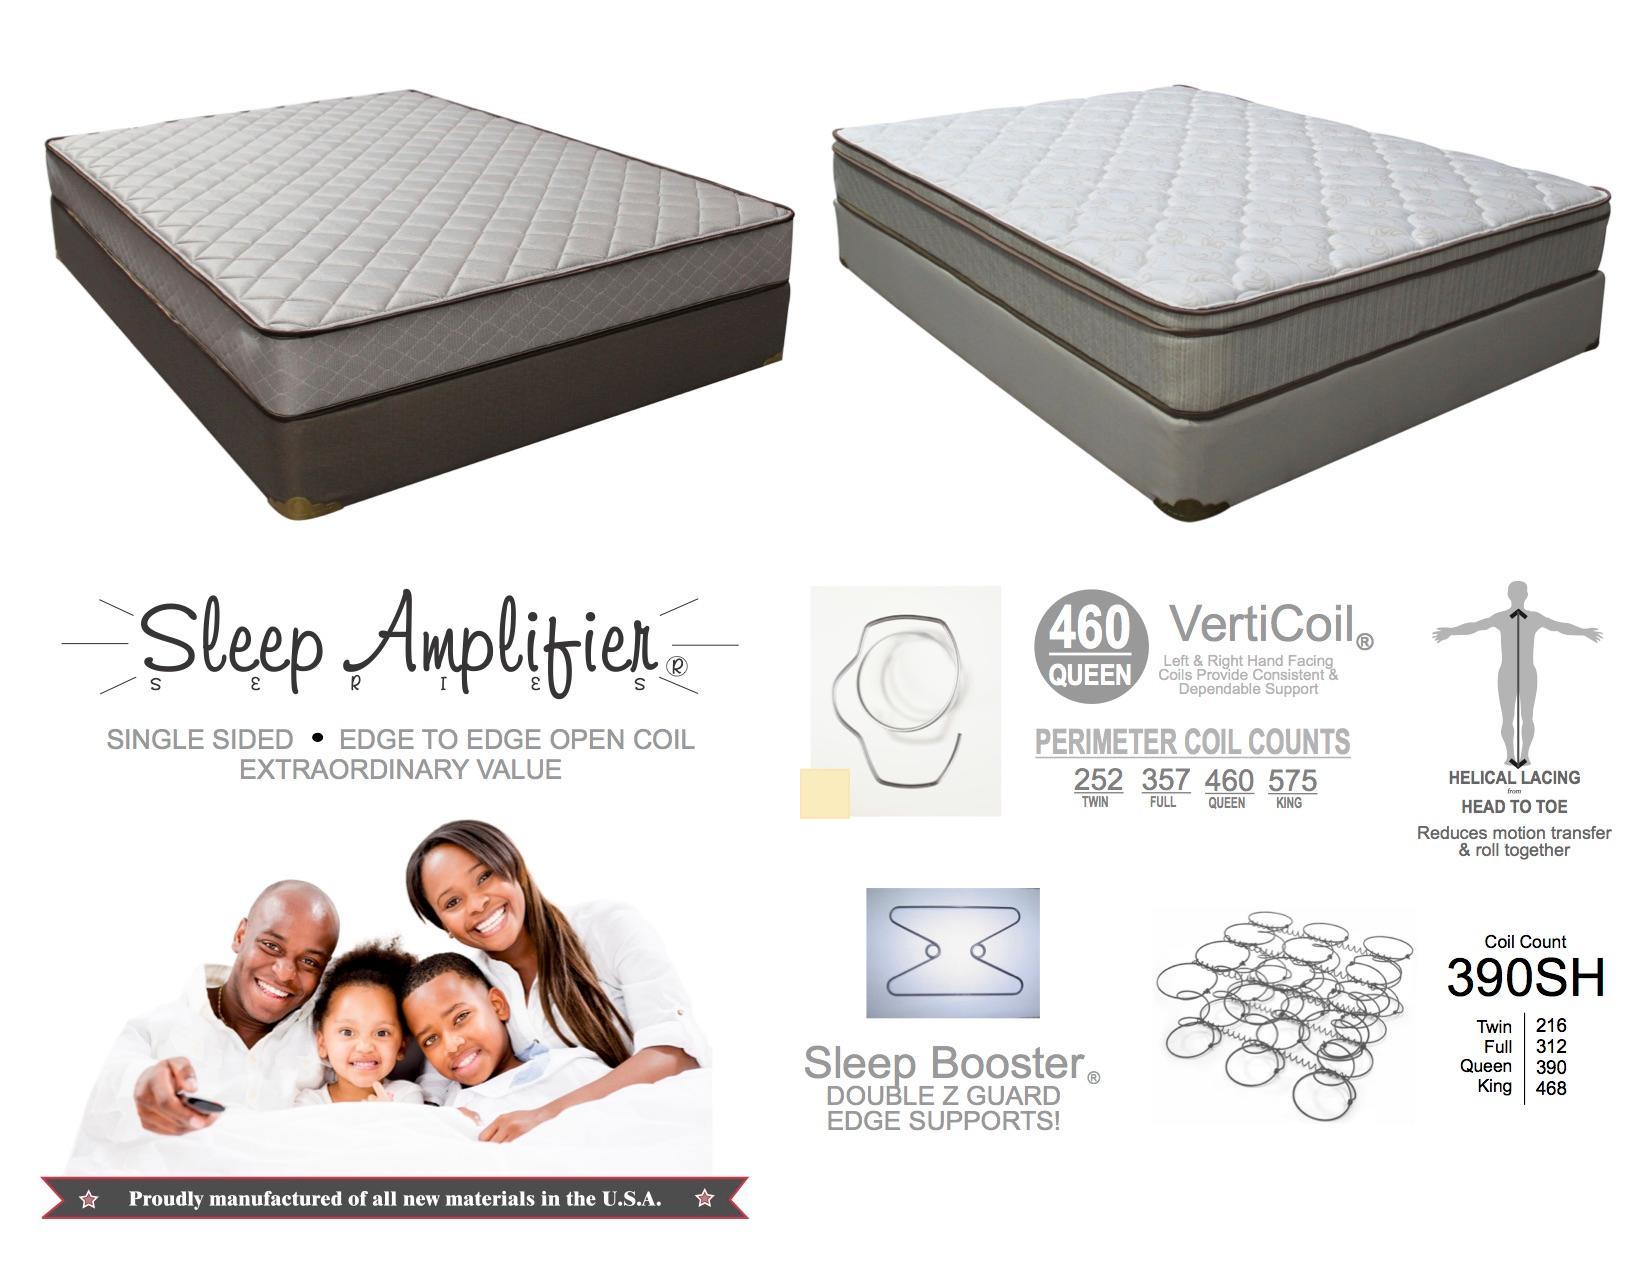 Sleeptronic image 9